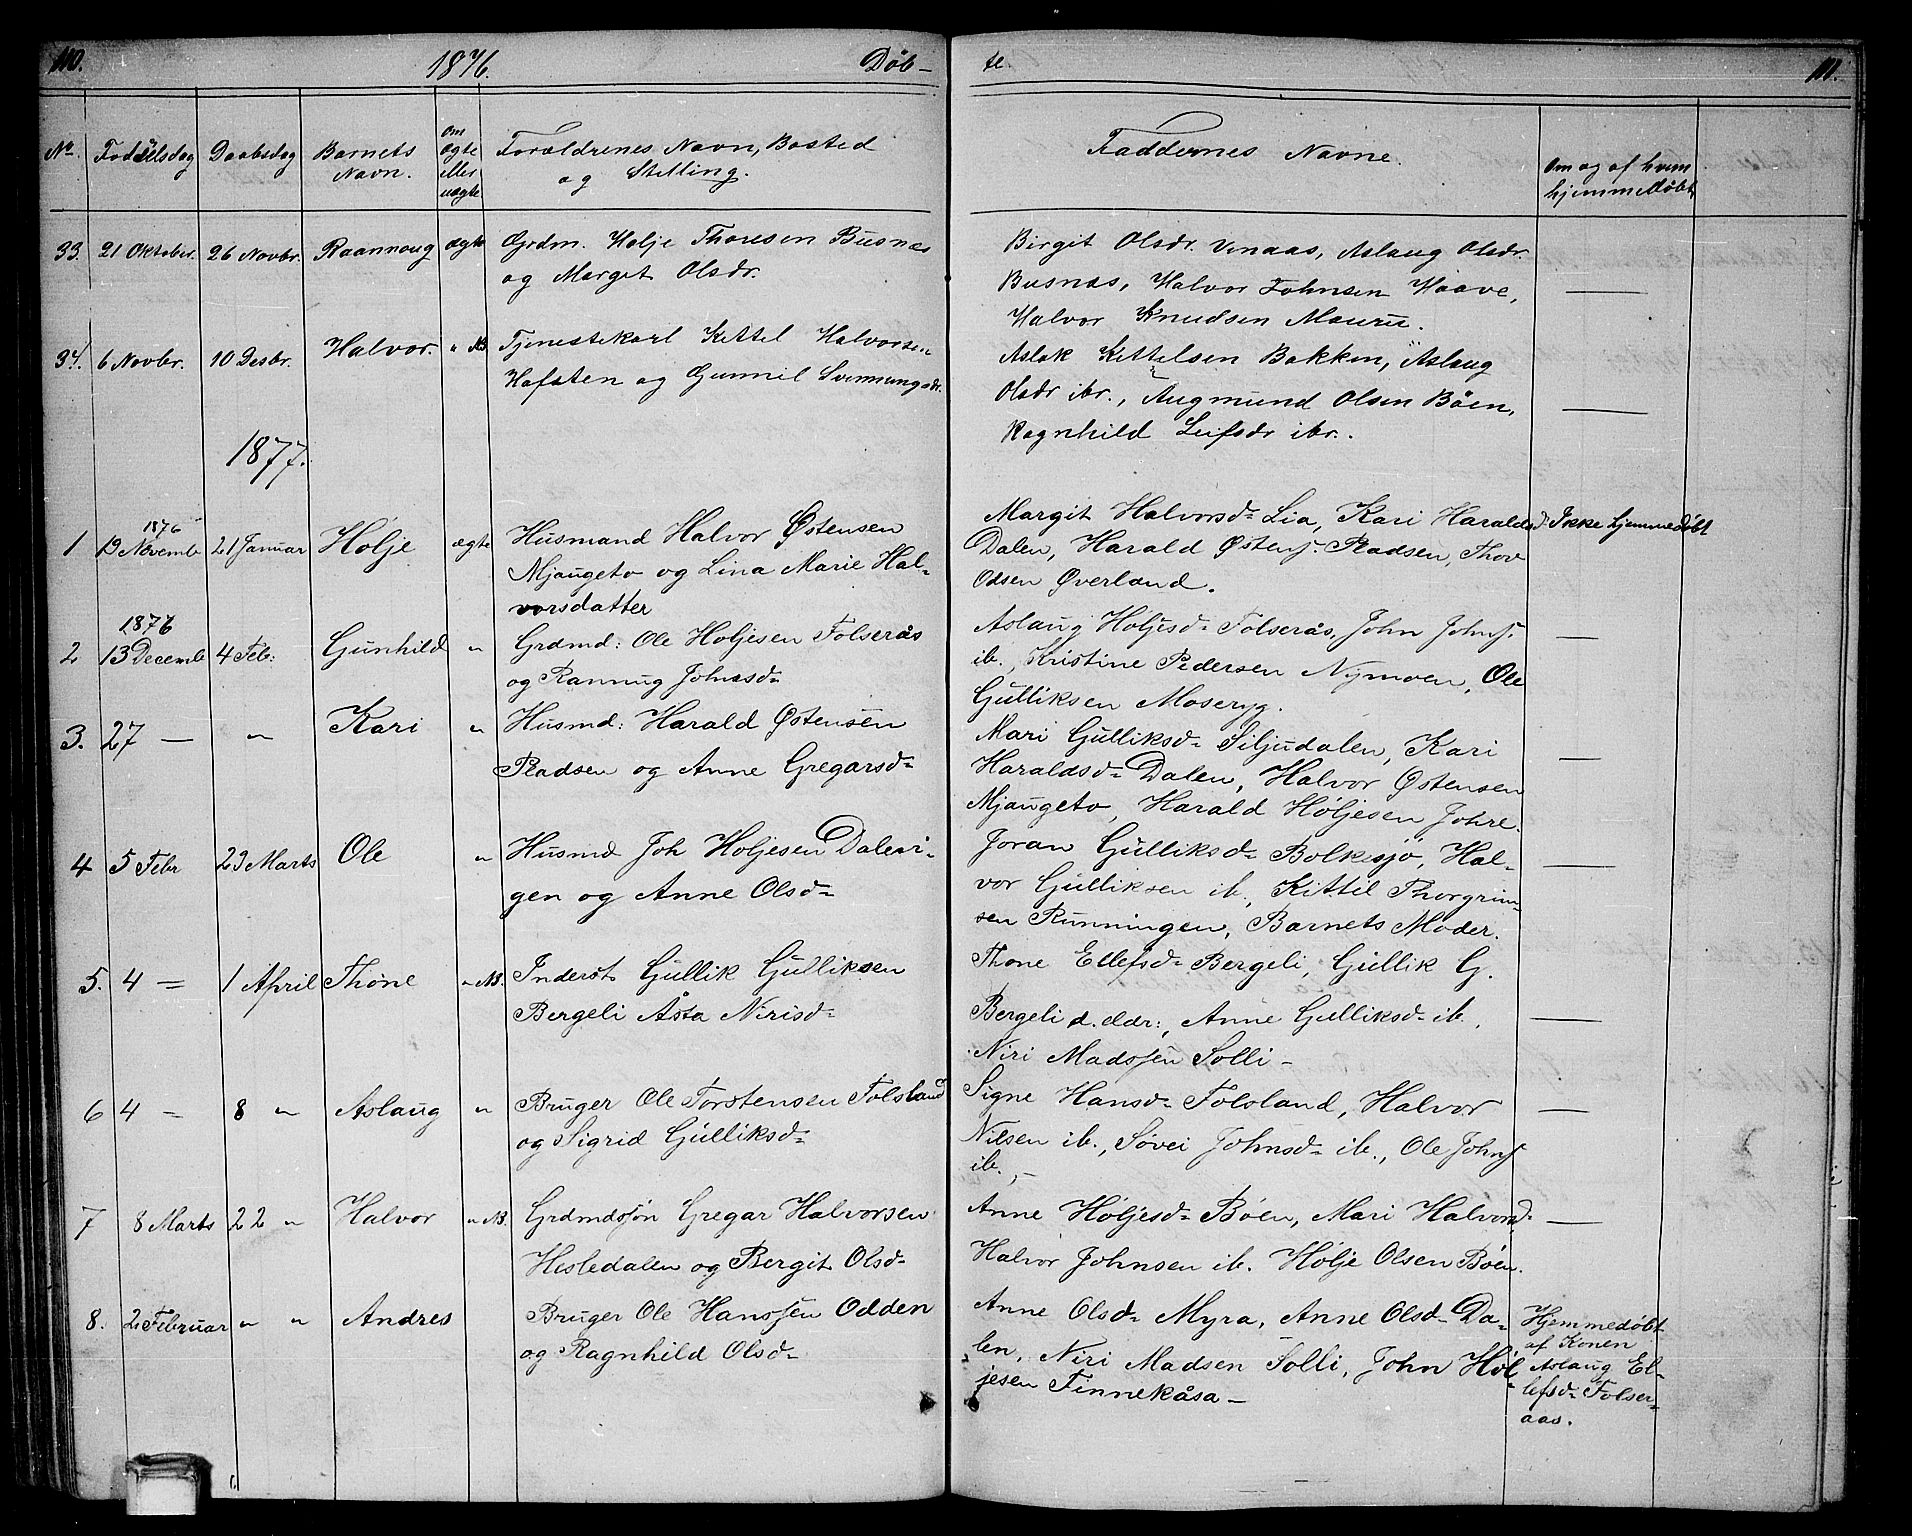 SAKO, Gransherad kirkebøker, G/Ga/L0002: Klokkerbok nr. I 2, 1854-1886, s. 110-111